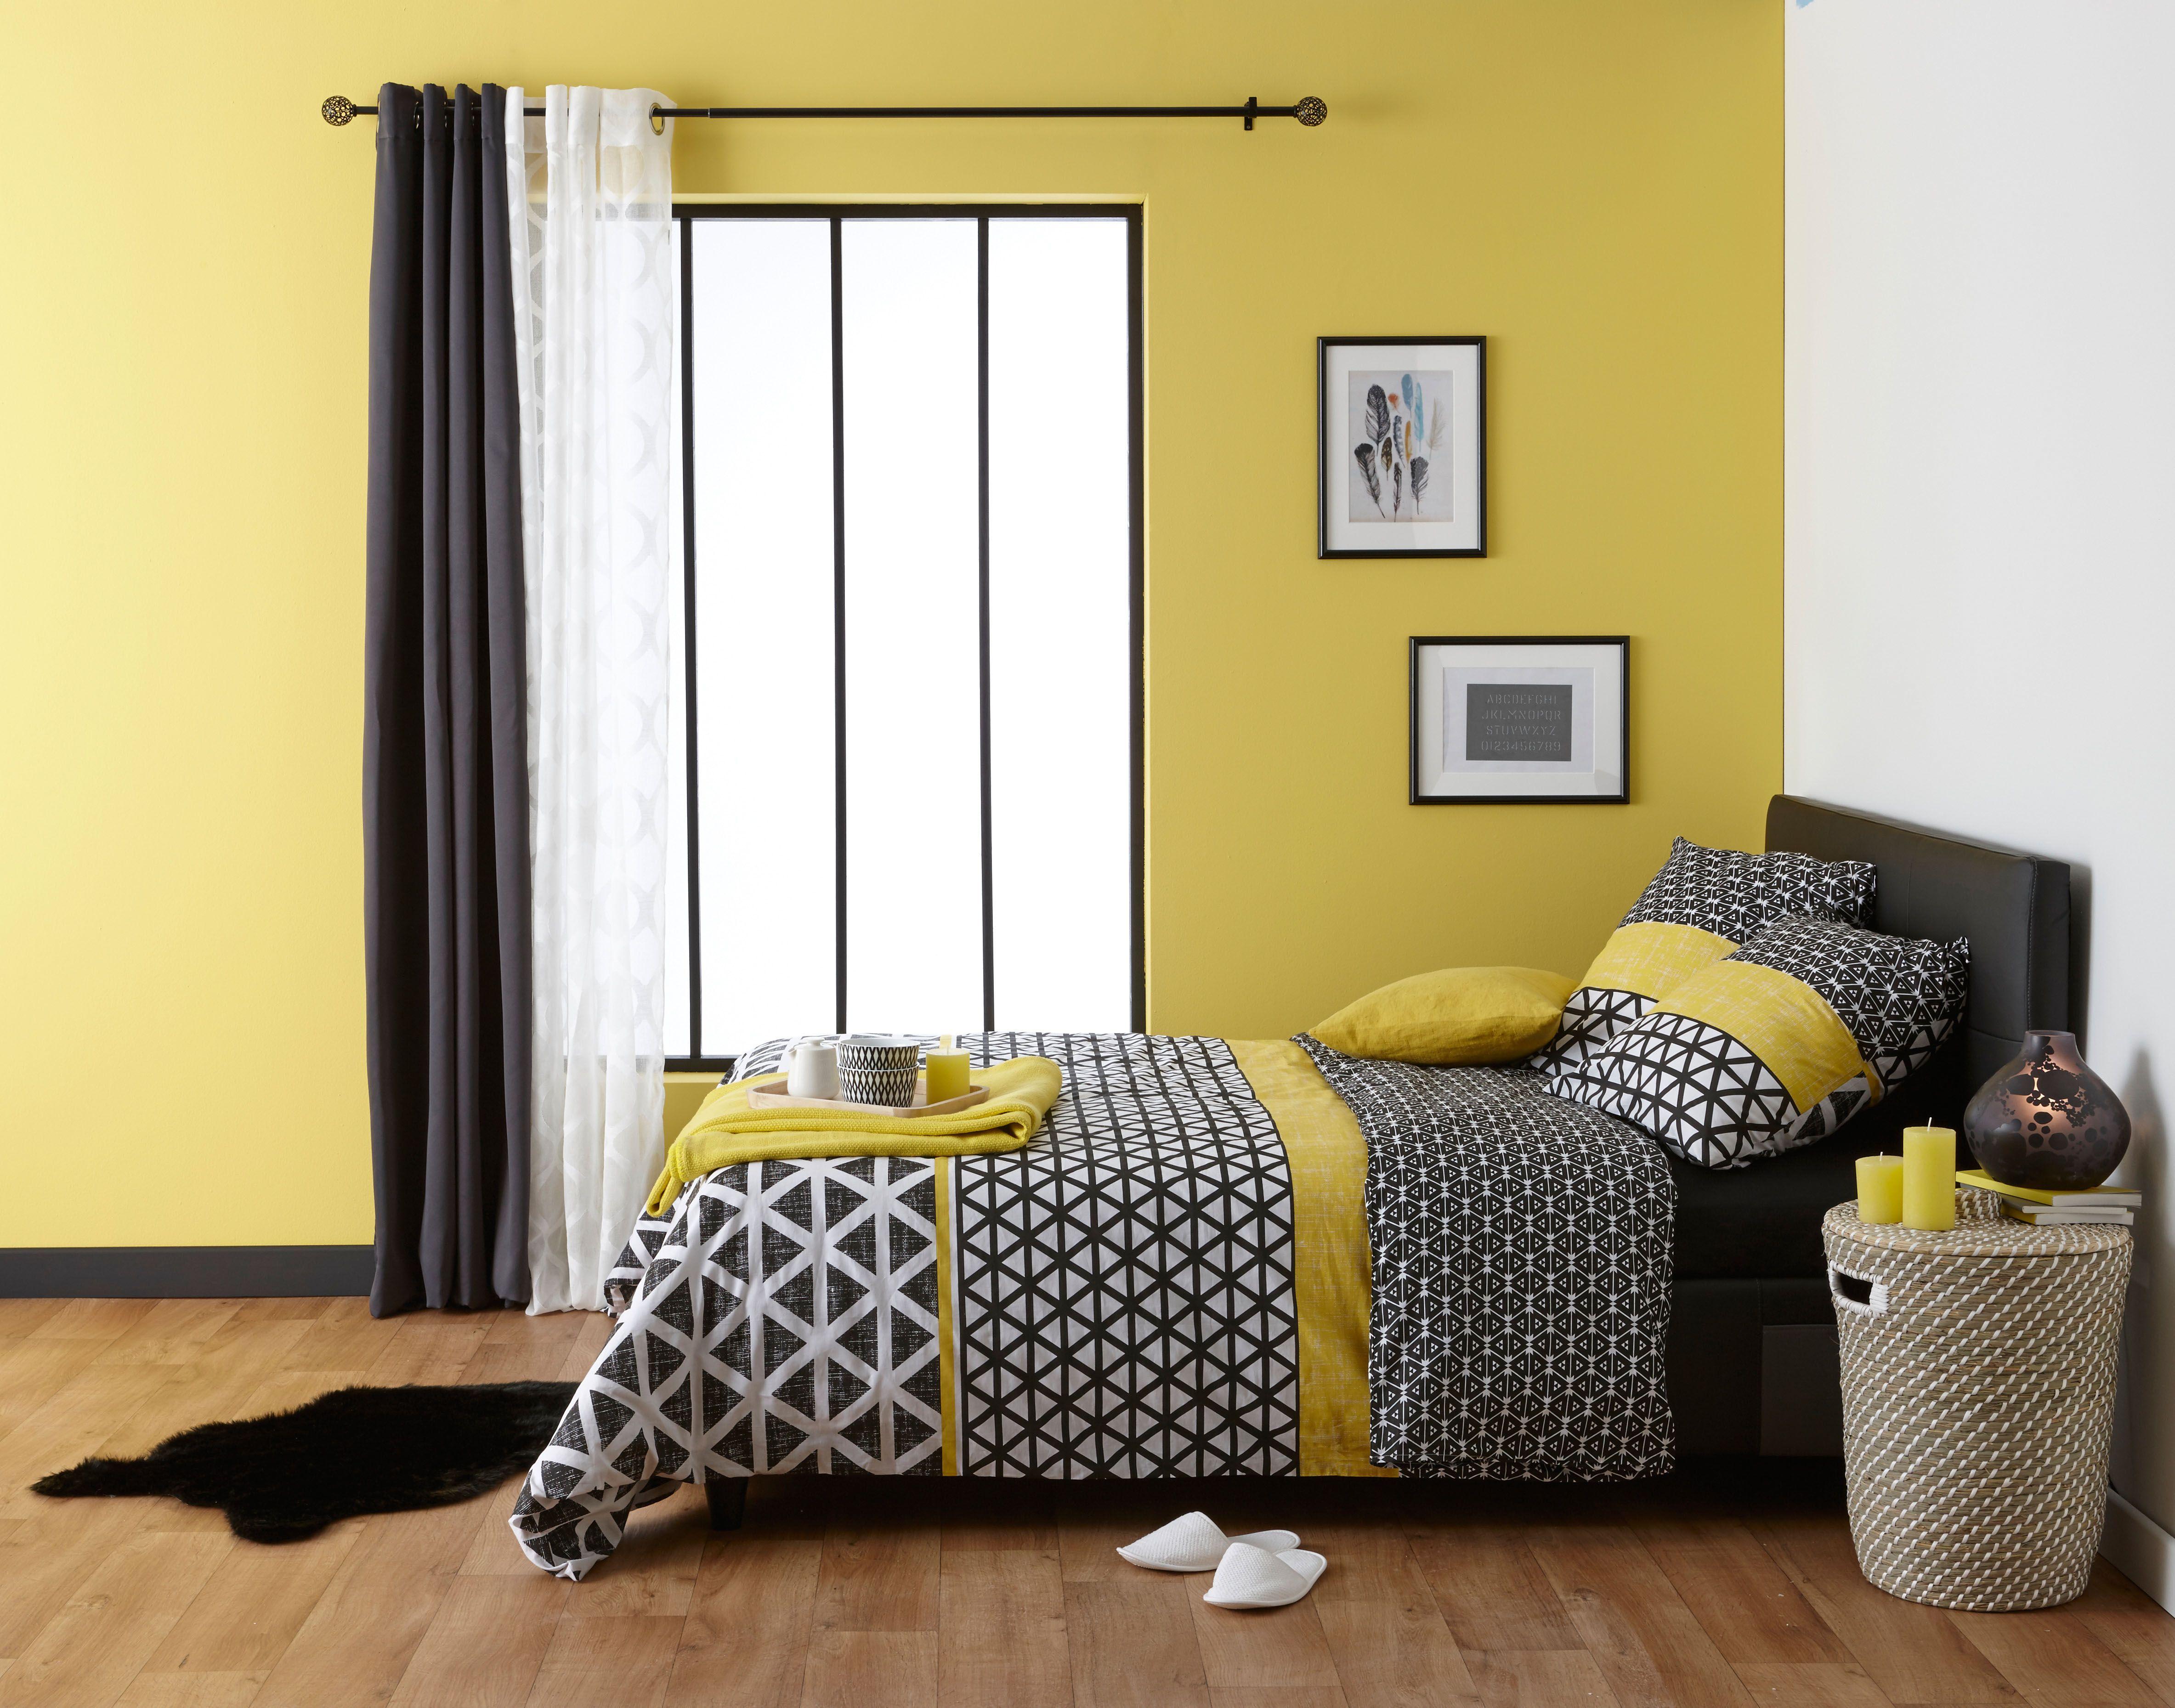 Bien connu La parure de lit à motifs | Ma chambre | Pinterest | Parure de lit  GC96